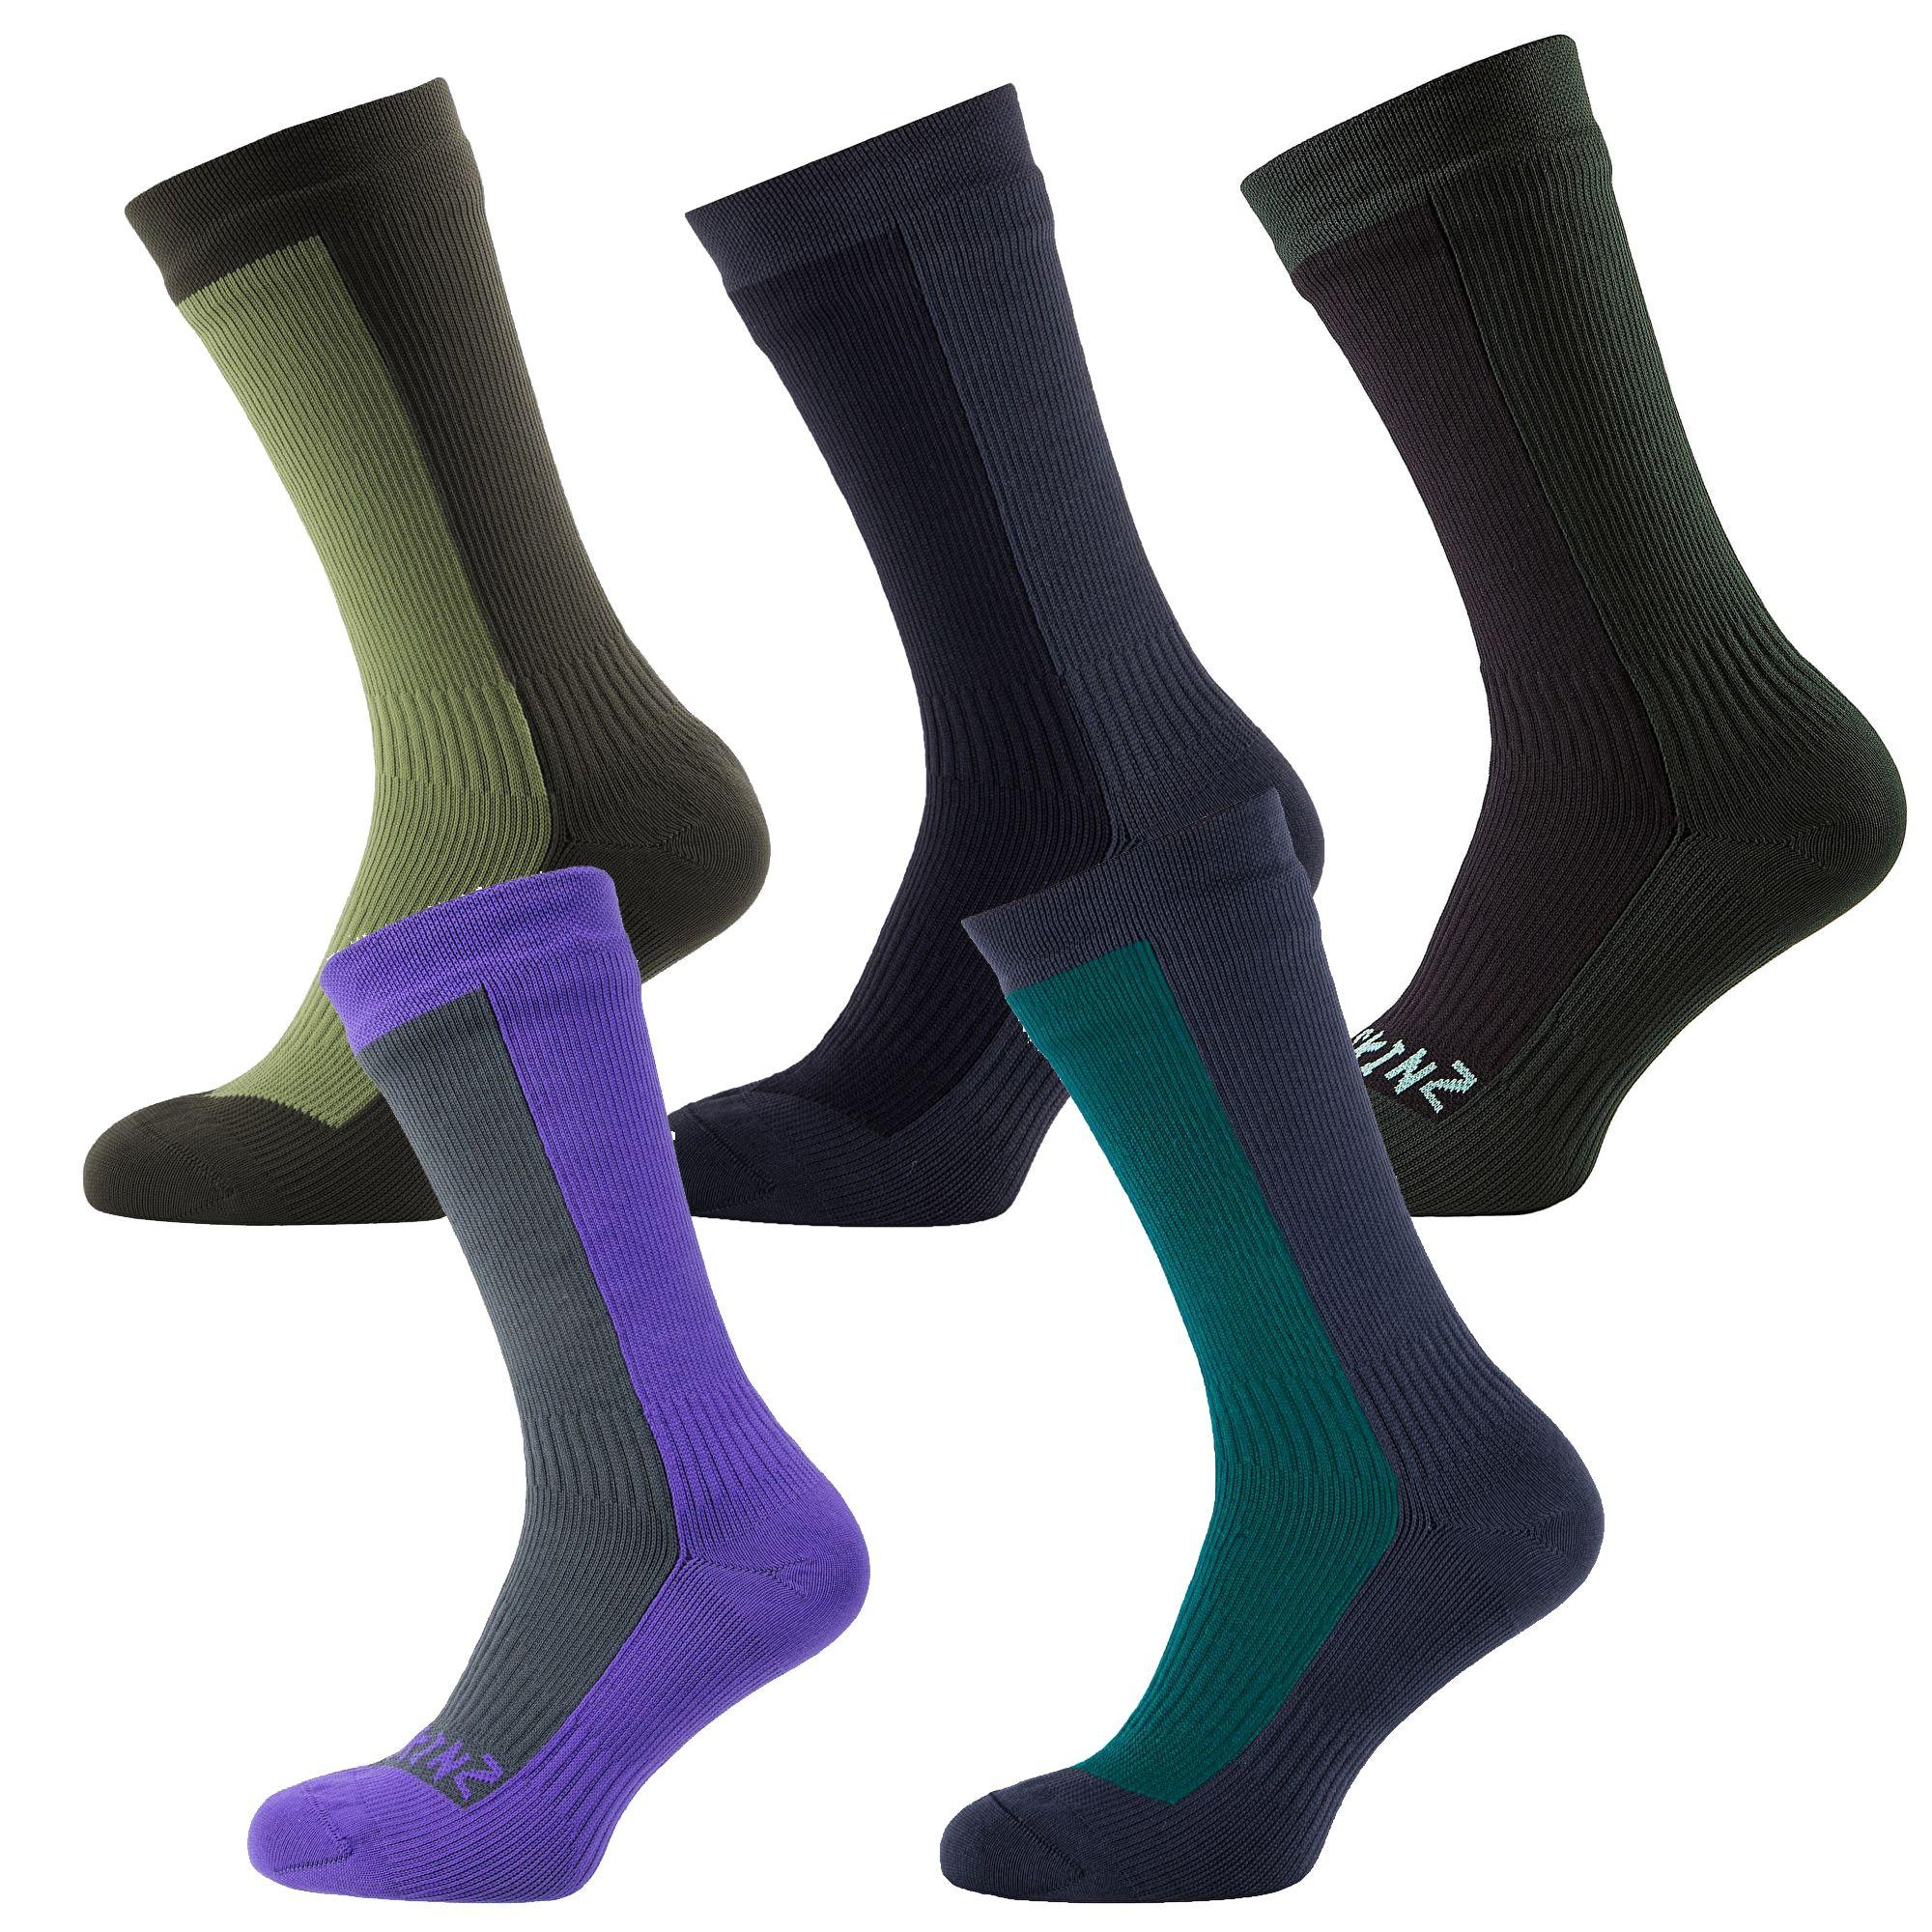 Sealskinz Mid Mid Socks | Socks